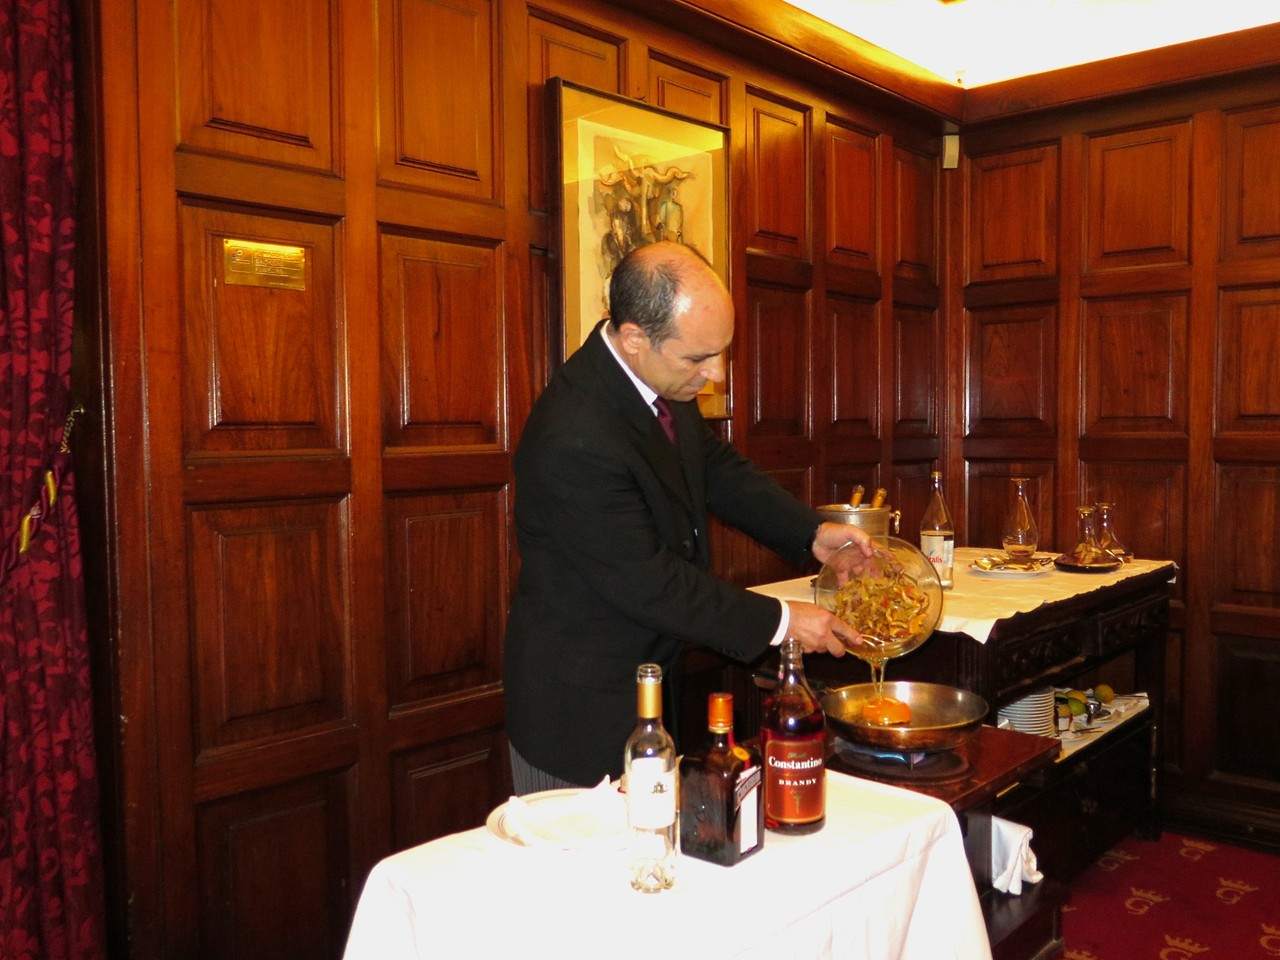 Octávio Ferreira junta a fruta macerada à redução do licor de laranja